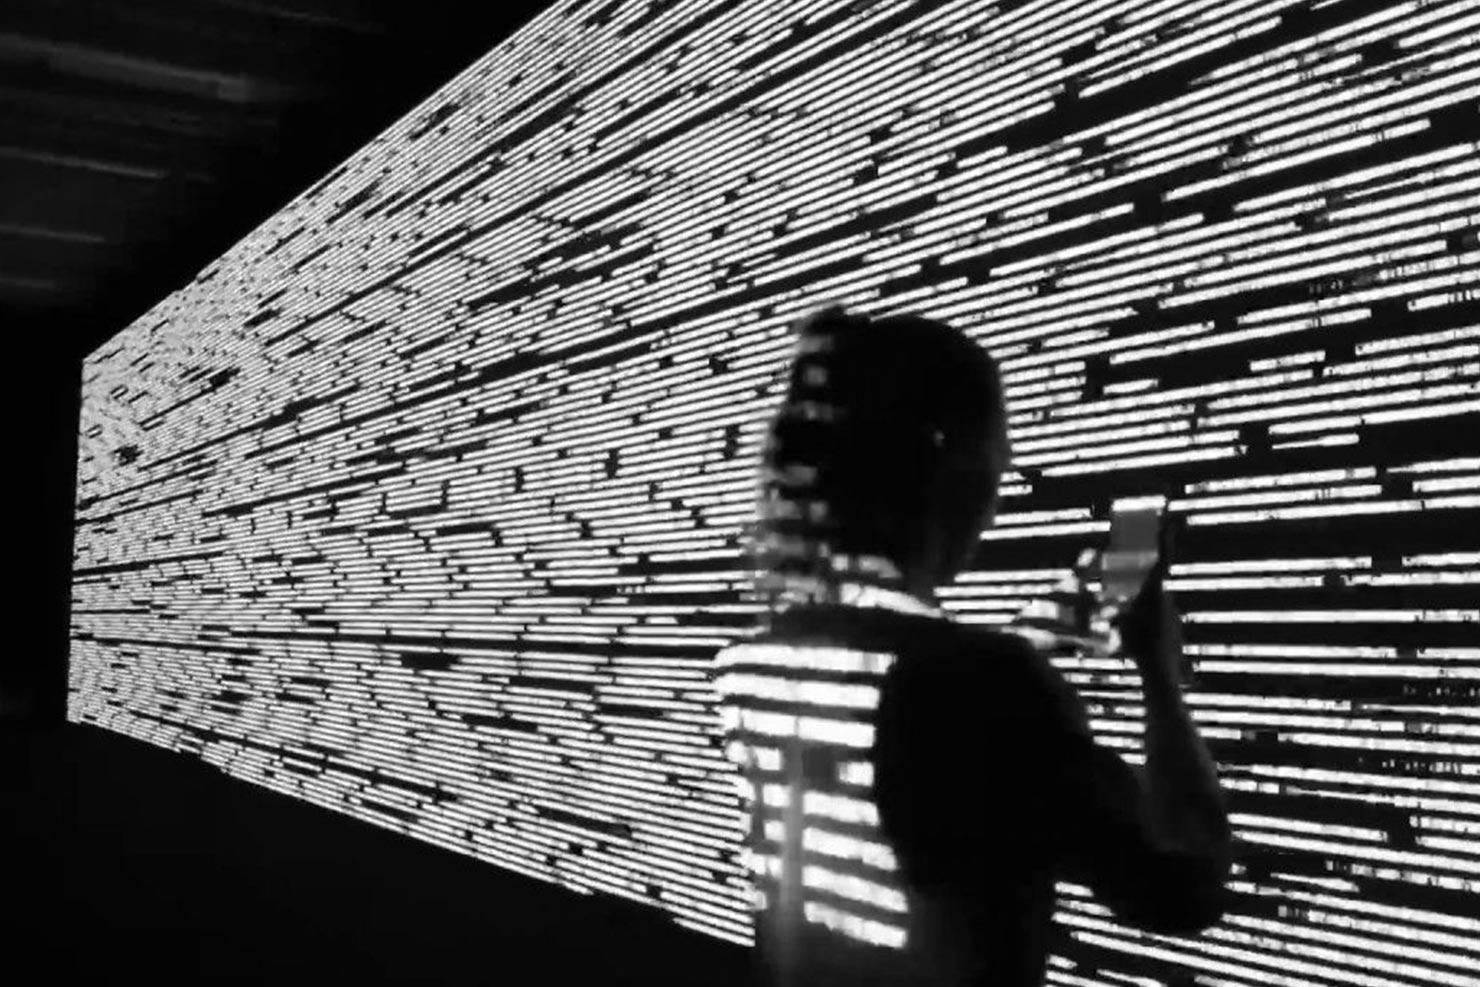 Gambar bayangan statis hitam dan putih melingkupi seseorang yang sedang melihat ponsel